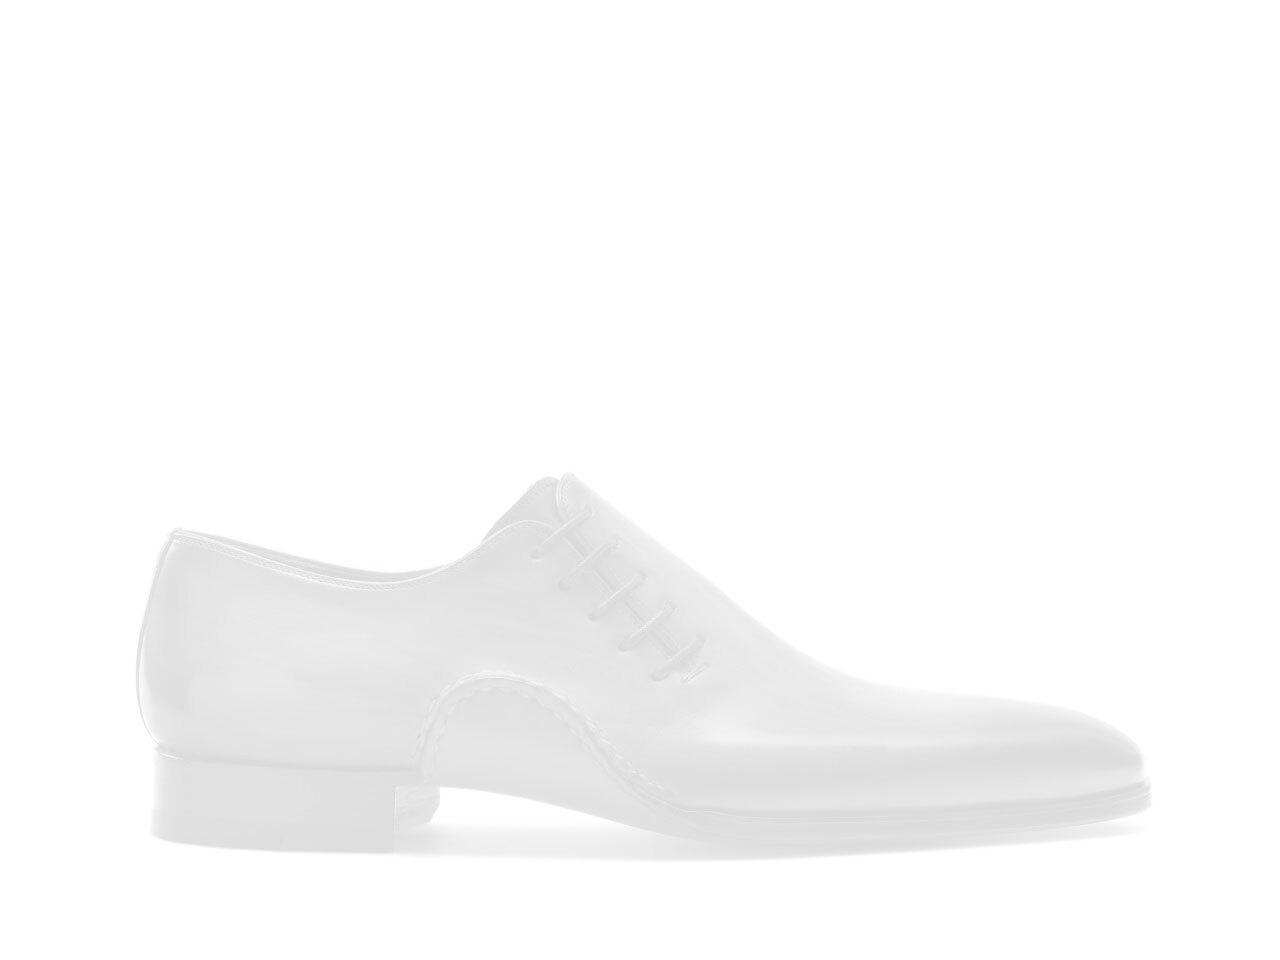 Cognac brown derby lace up shoes for men -  Magnanni